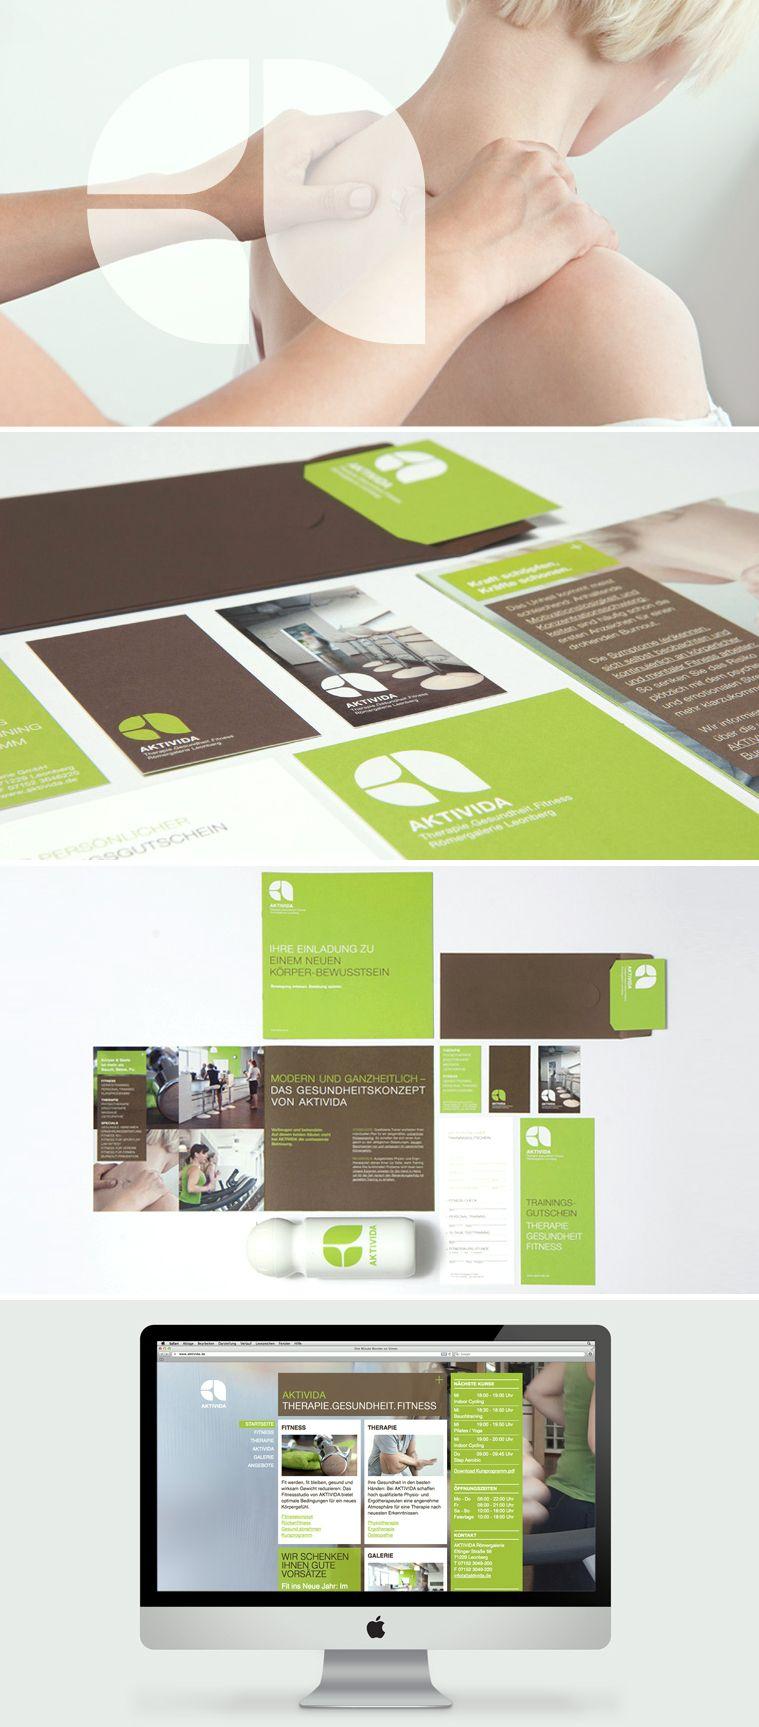 really nice branding love the colors samelsurium pinterest grafik design design und. Black Bedroom Furniture Sets. Home Design Ideas